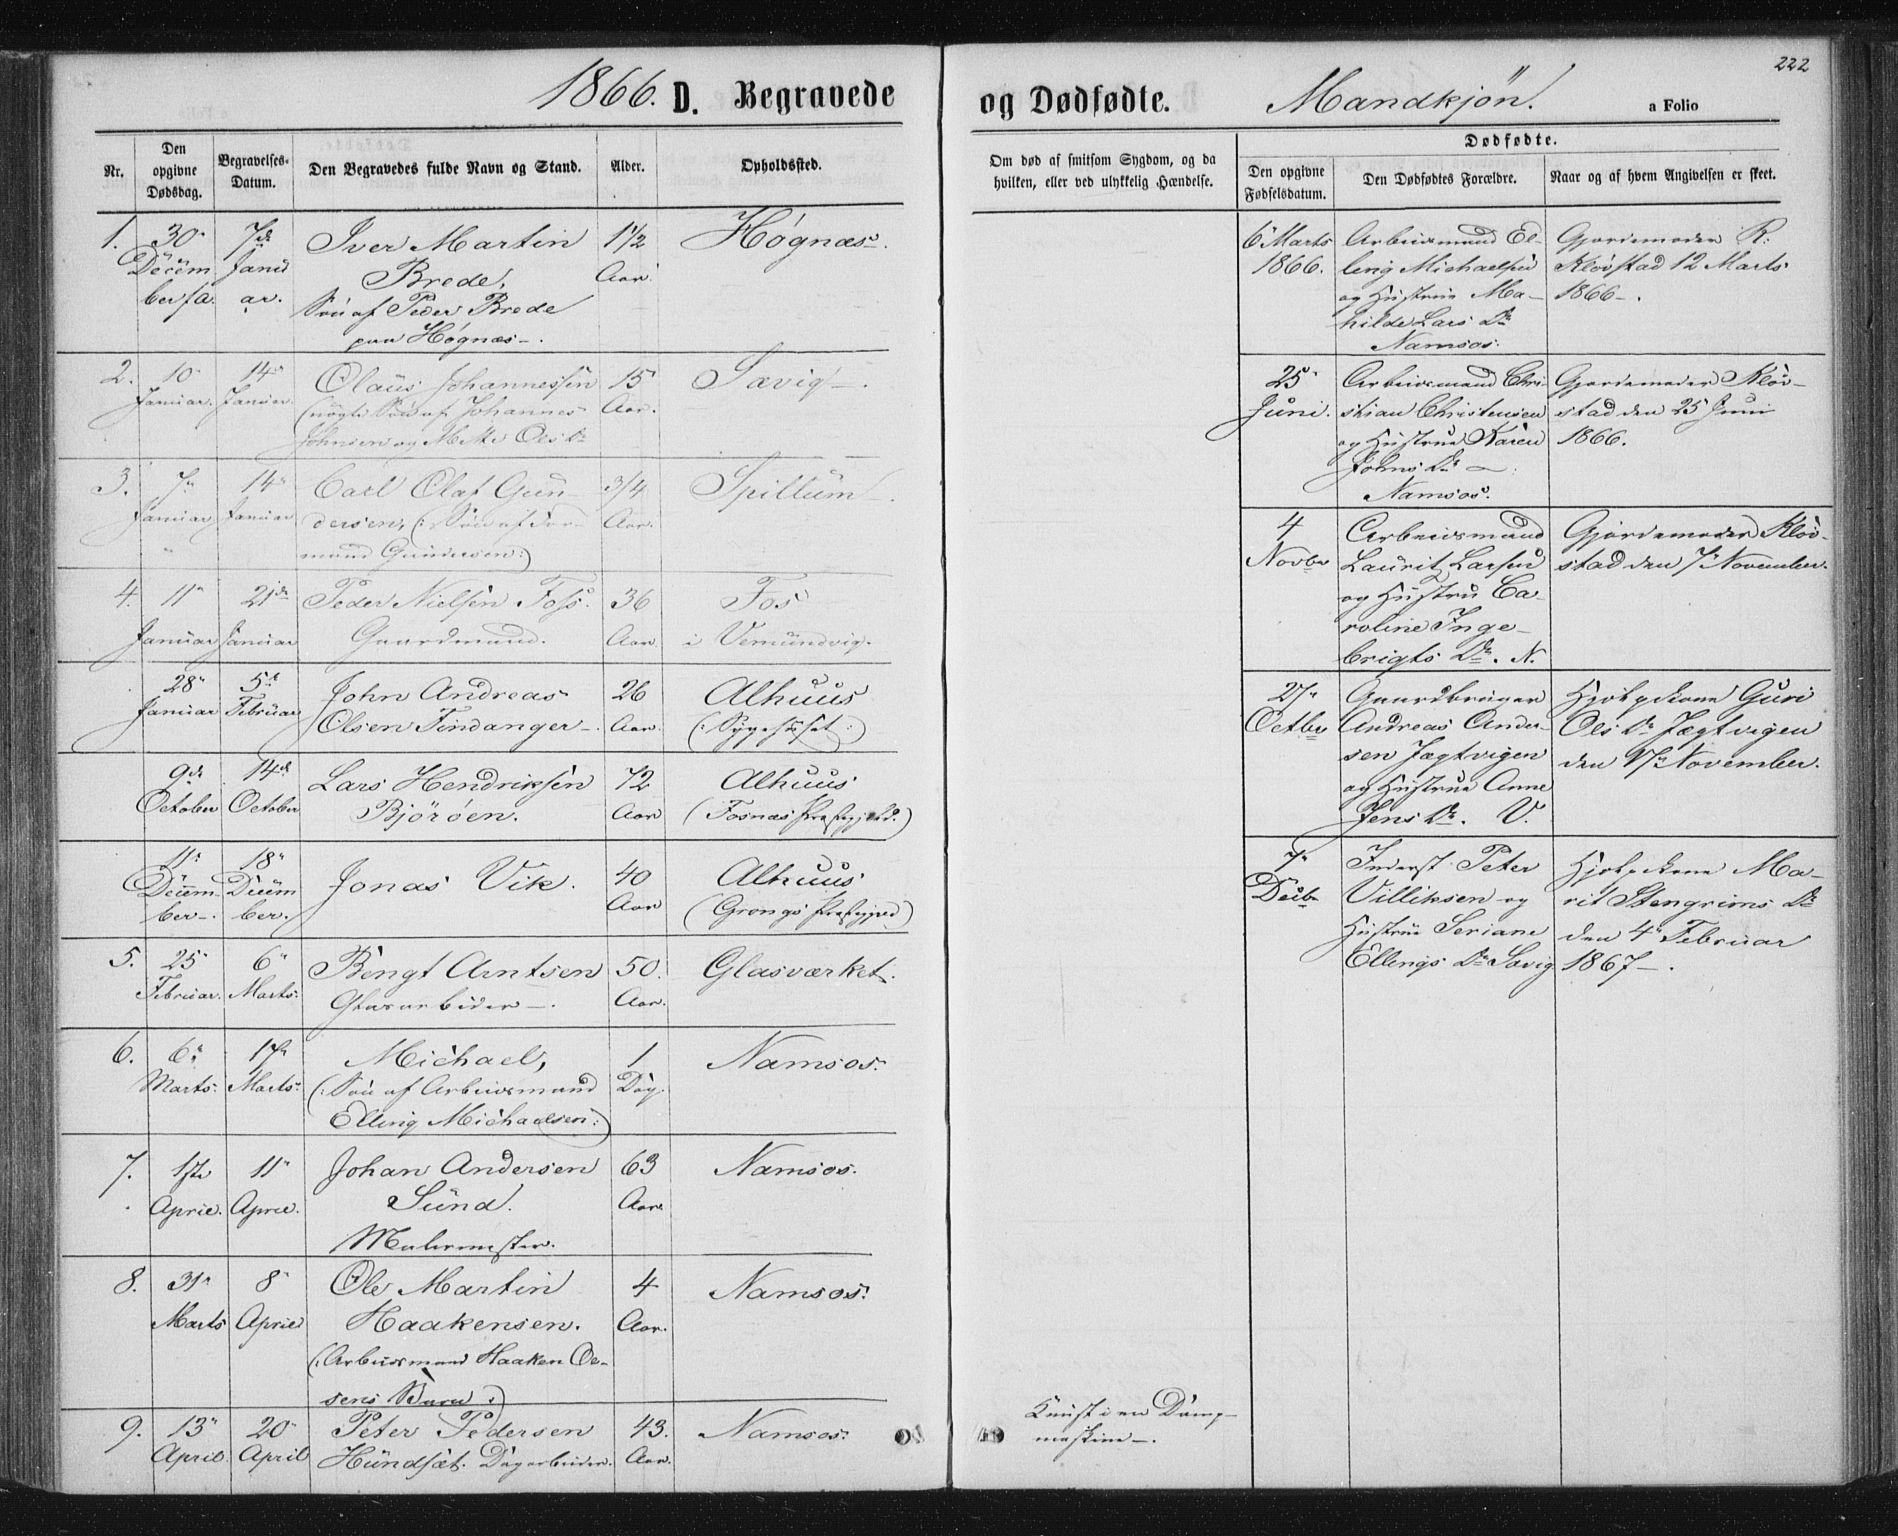 SAT, Ministerialprotokoller, klokkerbøker og fødselsregistre - Nord-Trøndelag, 768/L0570: Ministerialbok nr. 768A05, 1865-1874, s. 222